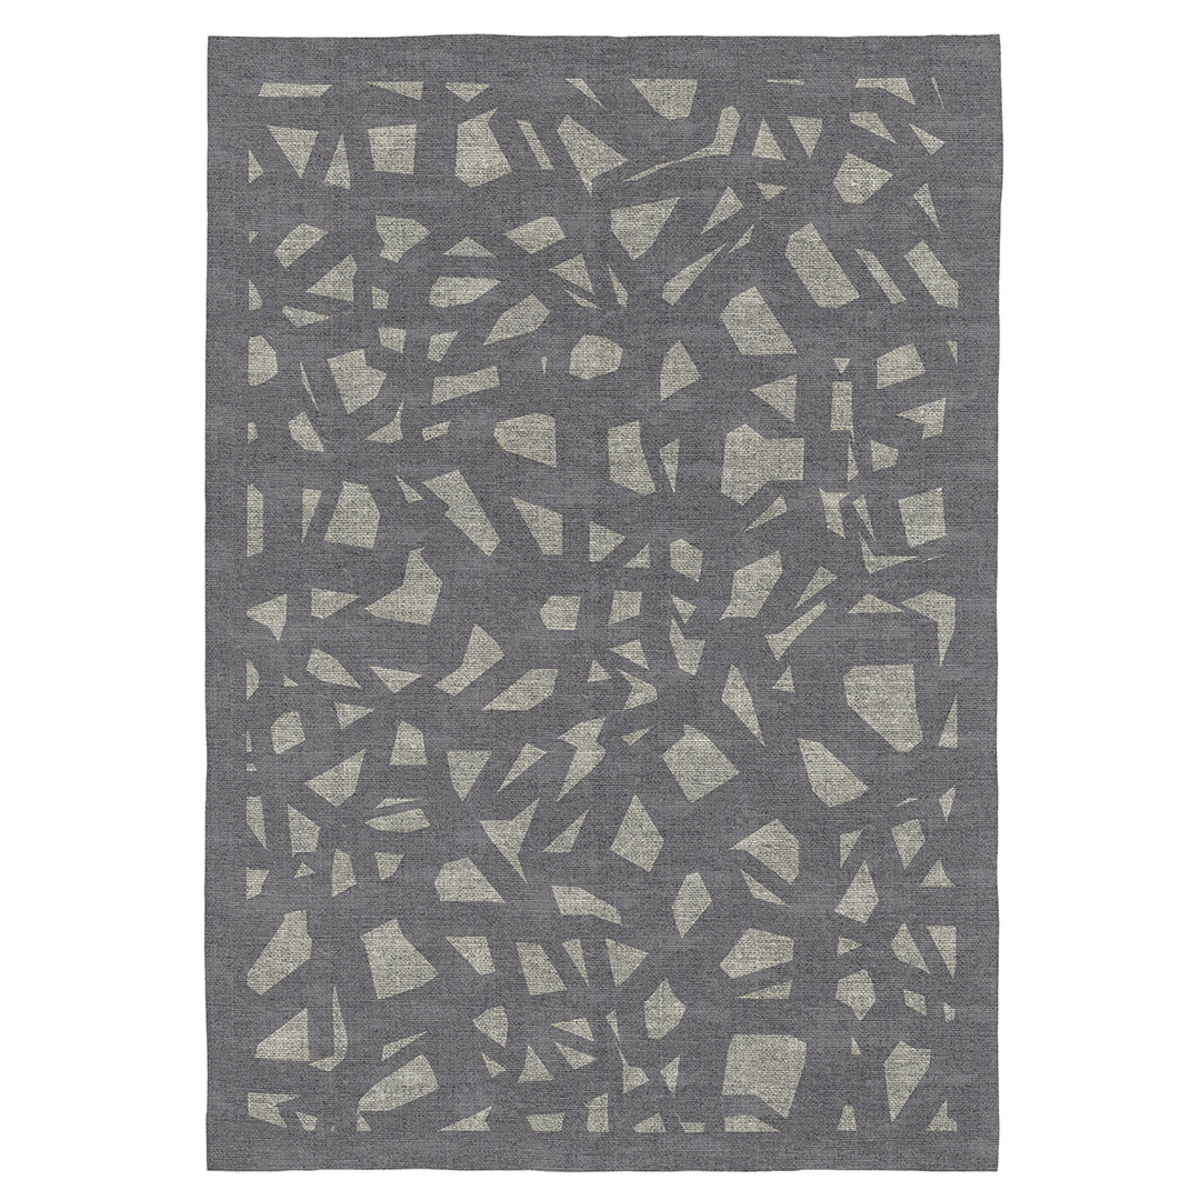 Tapis décoratif en coton imprimé numérique gris 160x230 cm